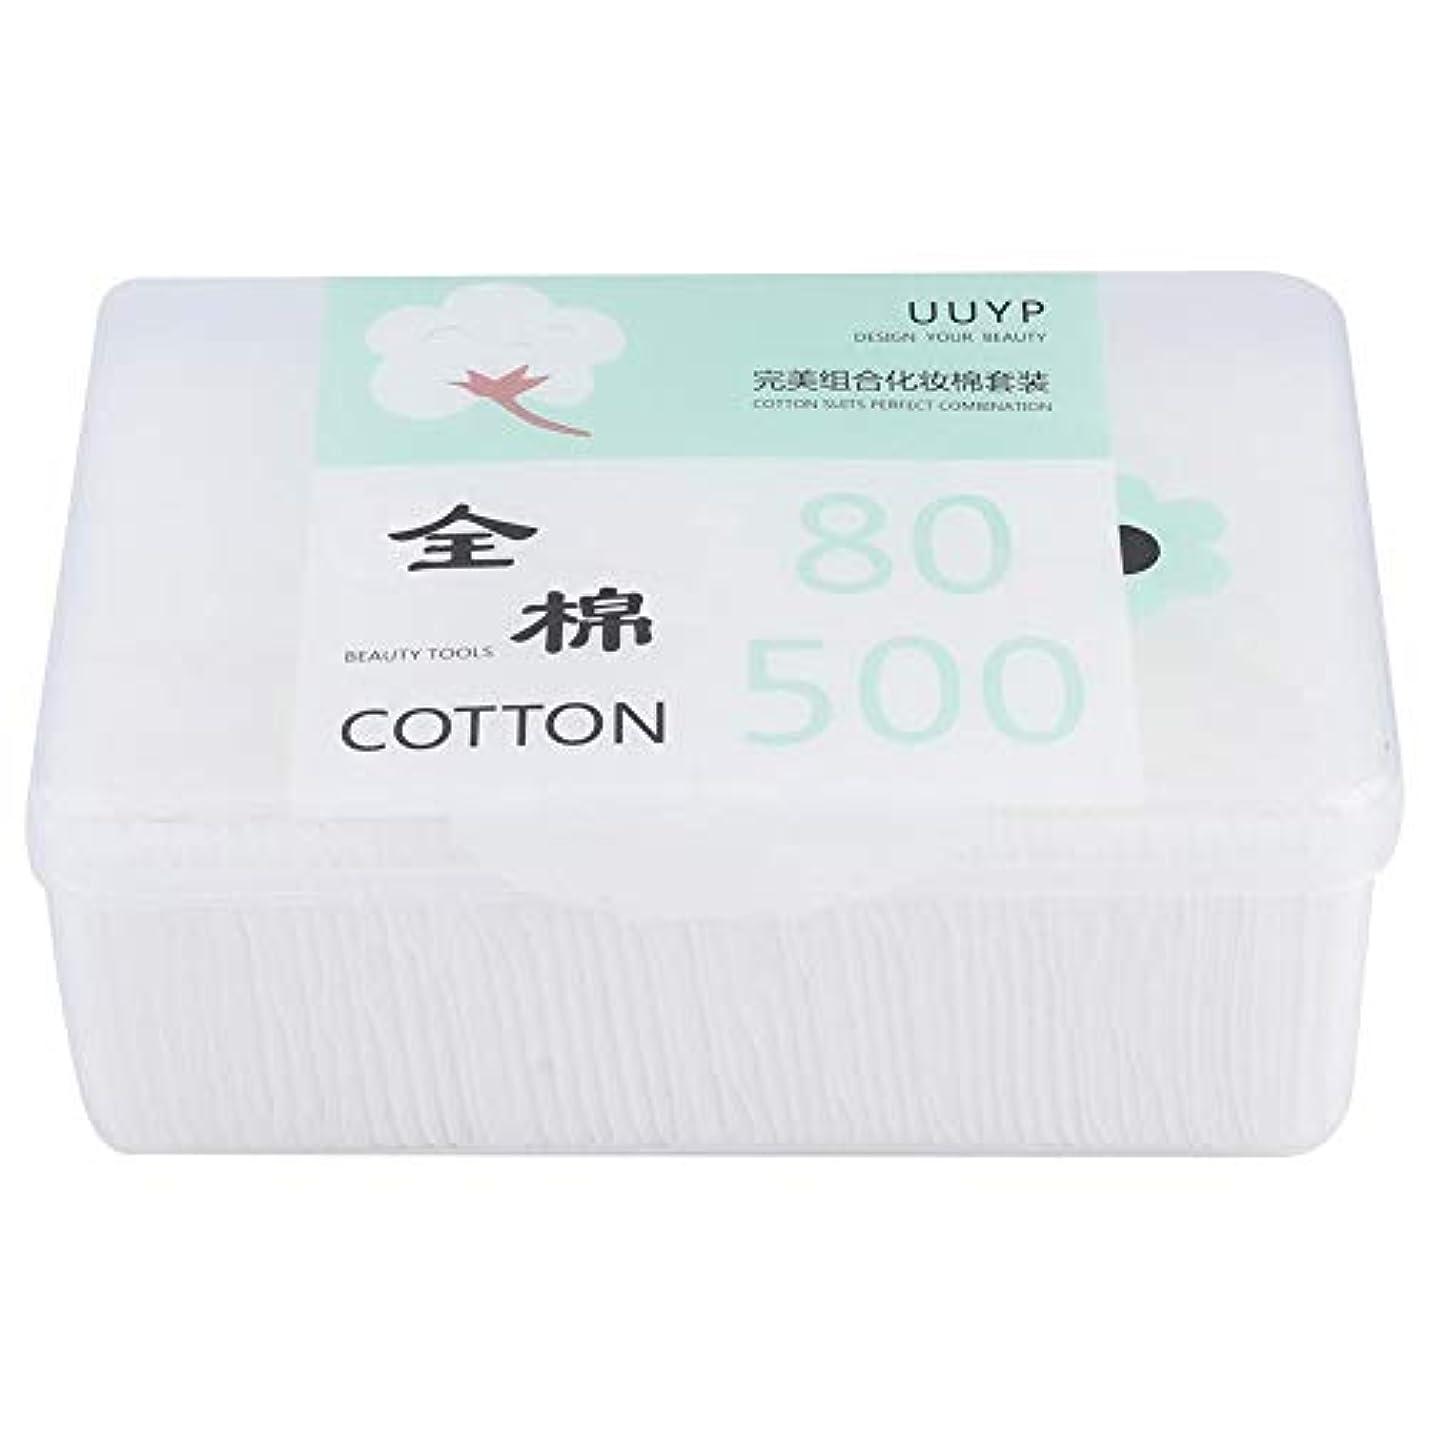 使い捨て可能な綿パッドの構造の取り外しのワイプ、乾燥したぬれた使用のための表面清潔になるパッド(03)